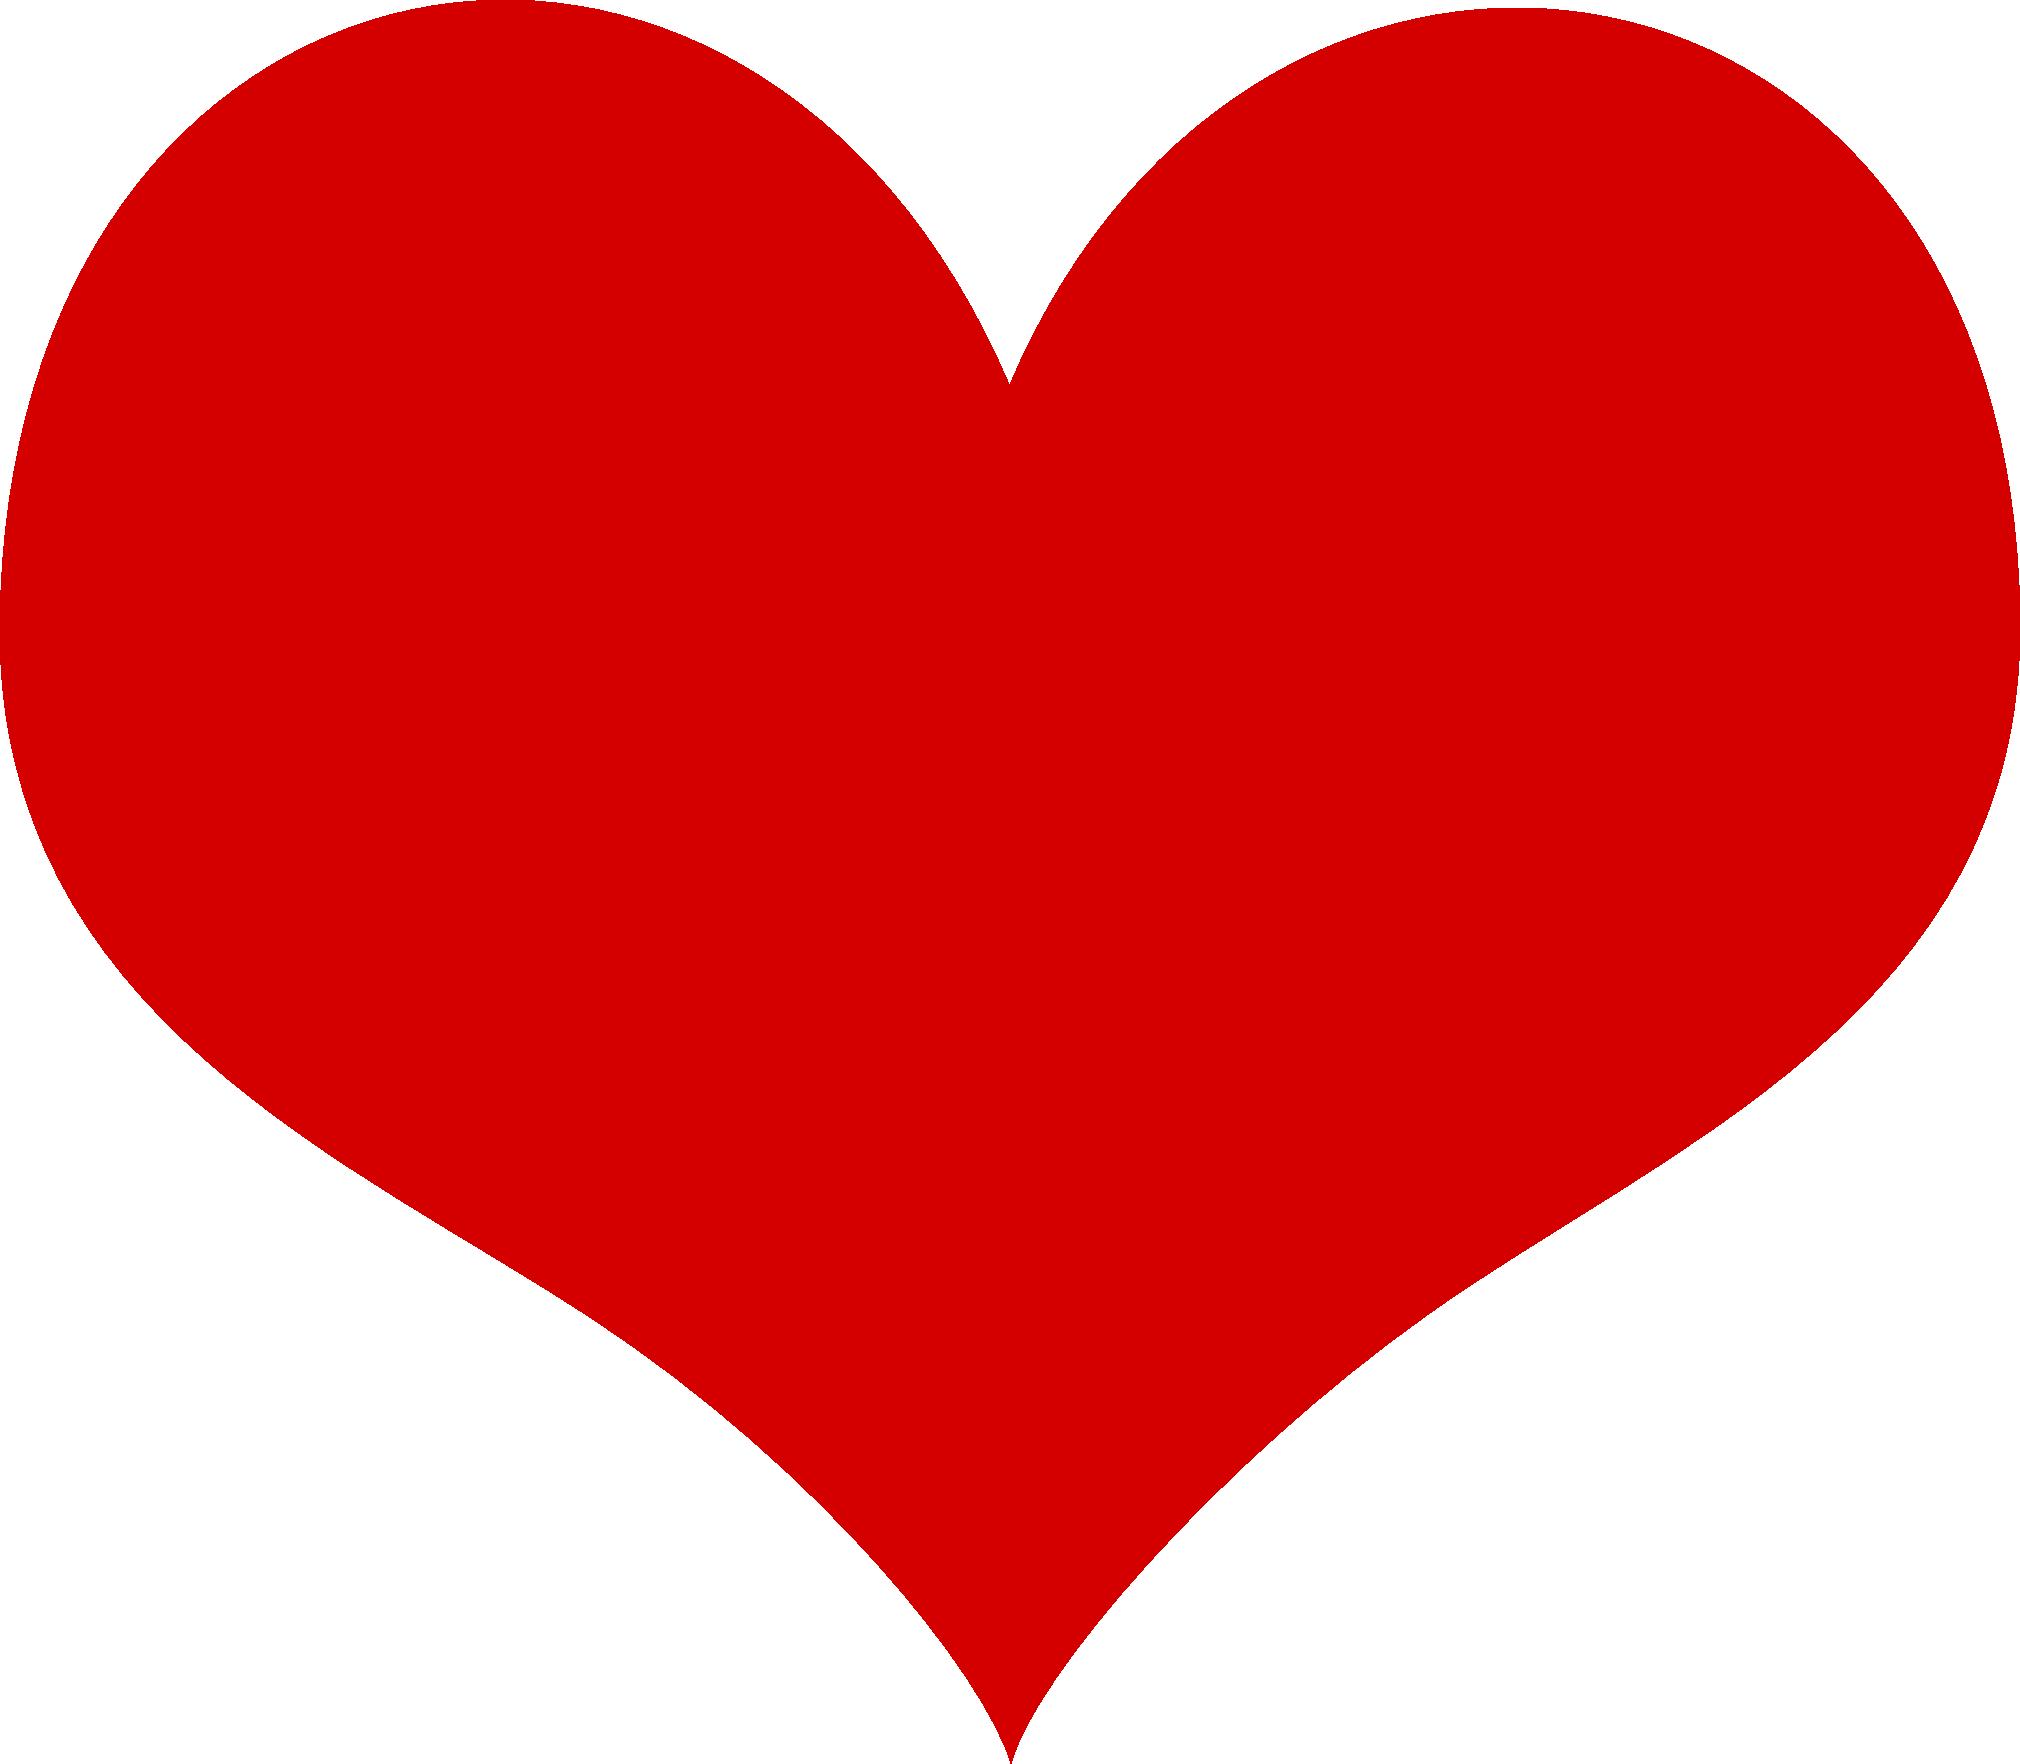 Heart Clipart-heart clipart-11